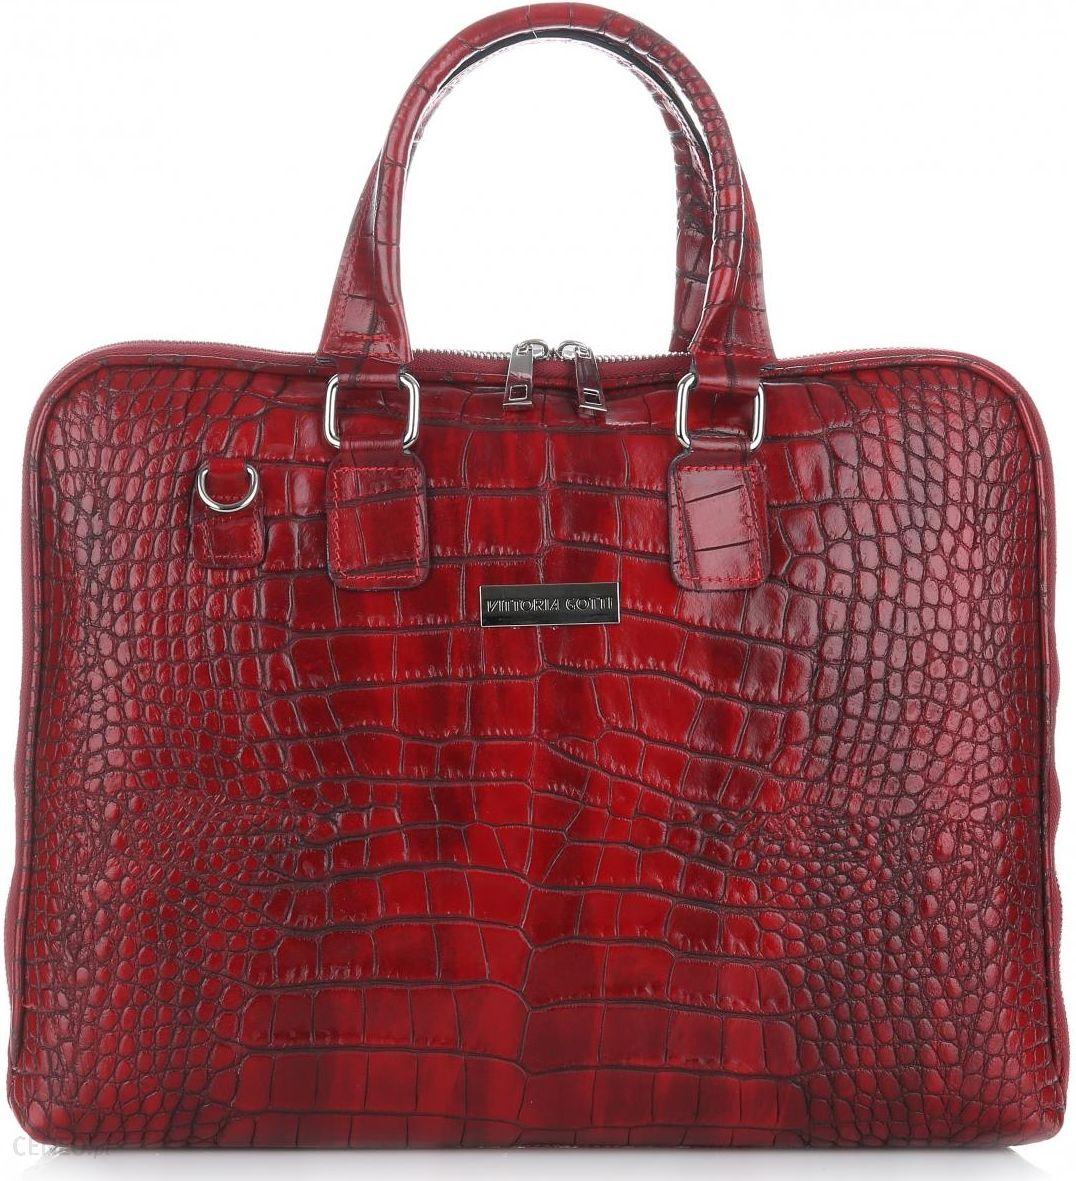 93934f7db1da Eleganckie Torebki Skórzane Aktówki Firmy Vittoria Gotti Czerwone (kolory)  - zdjęcie 1